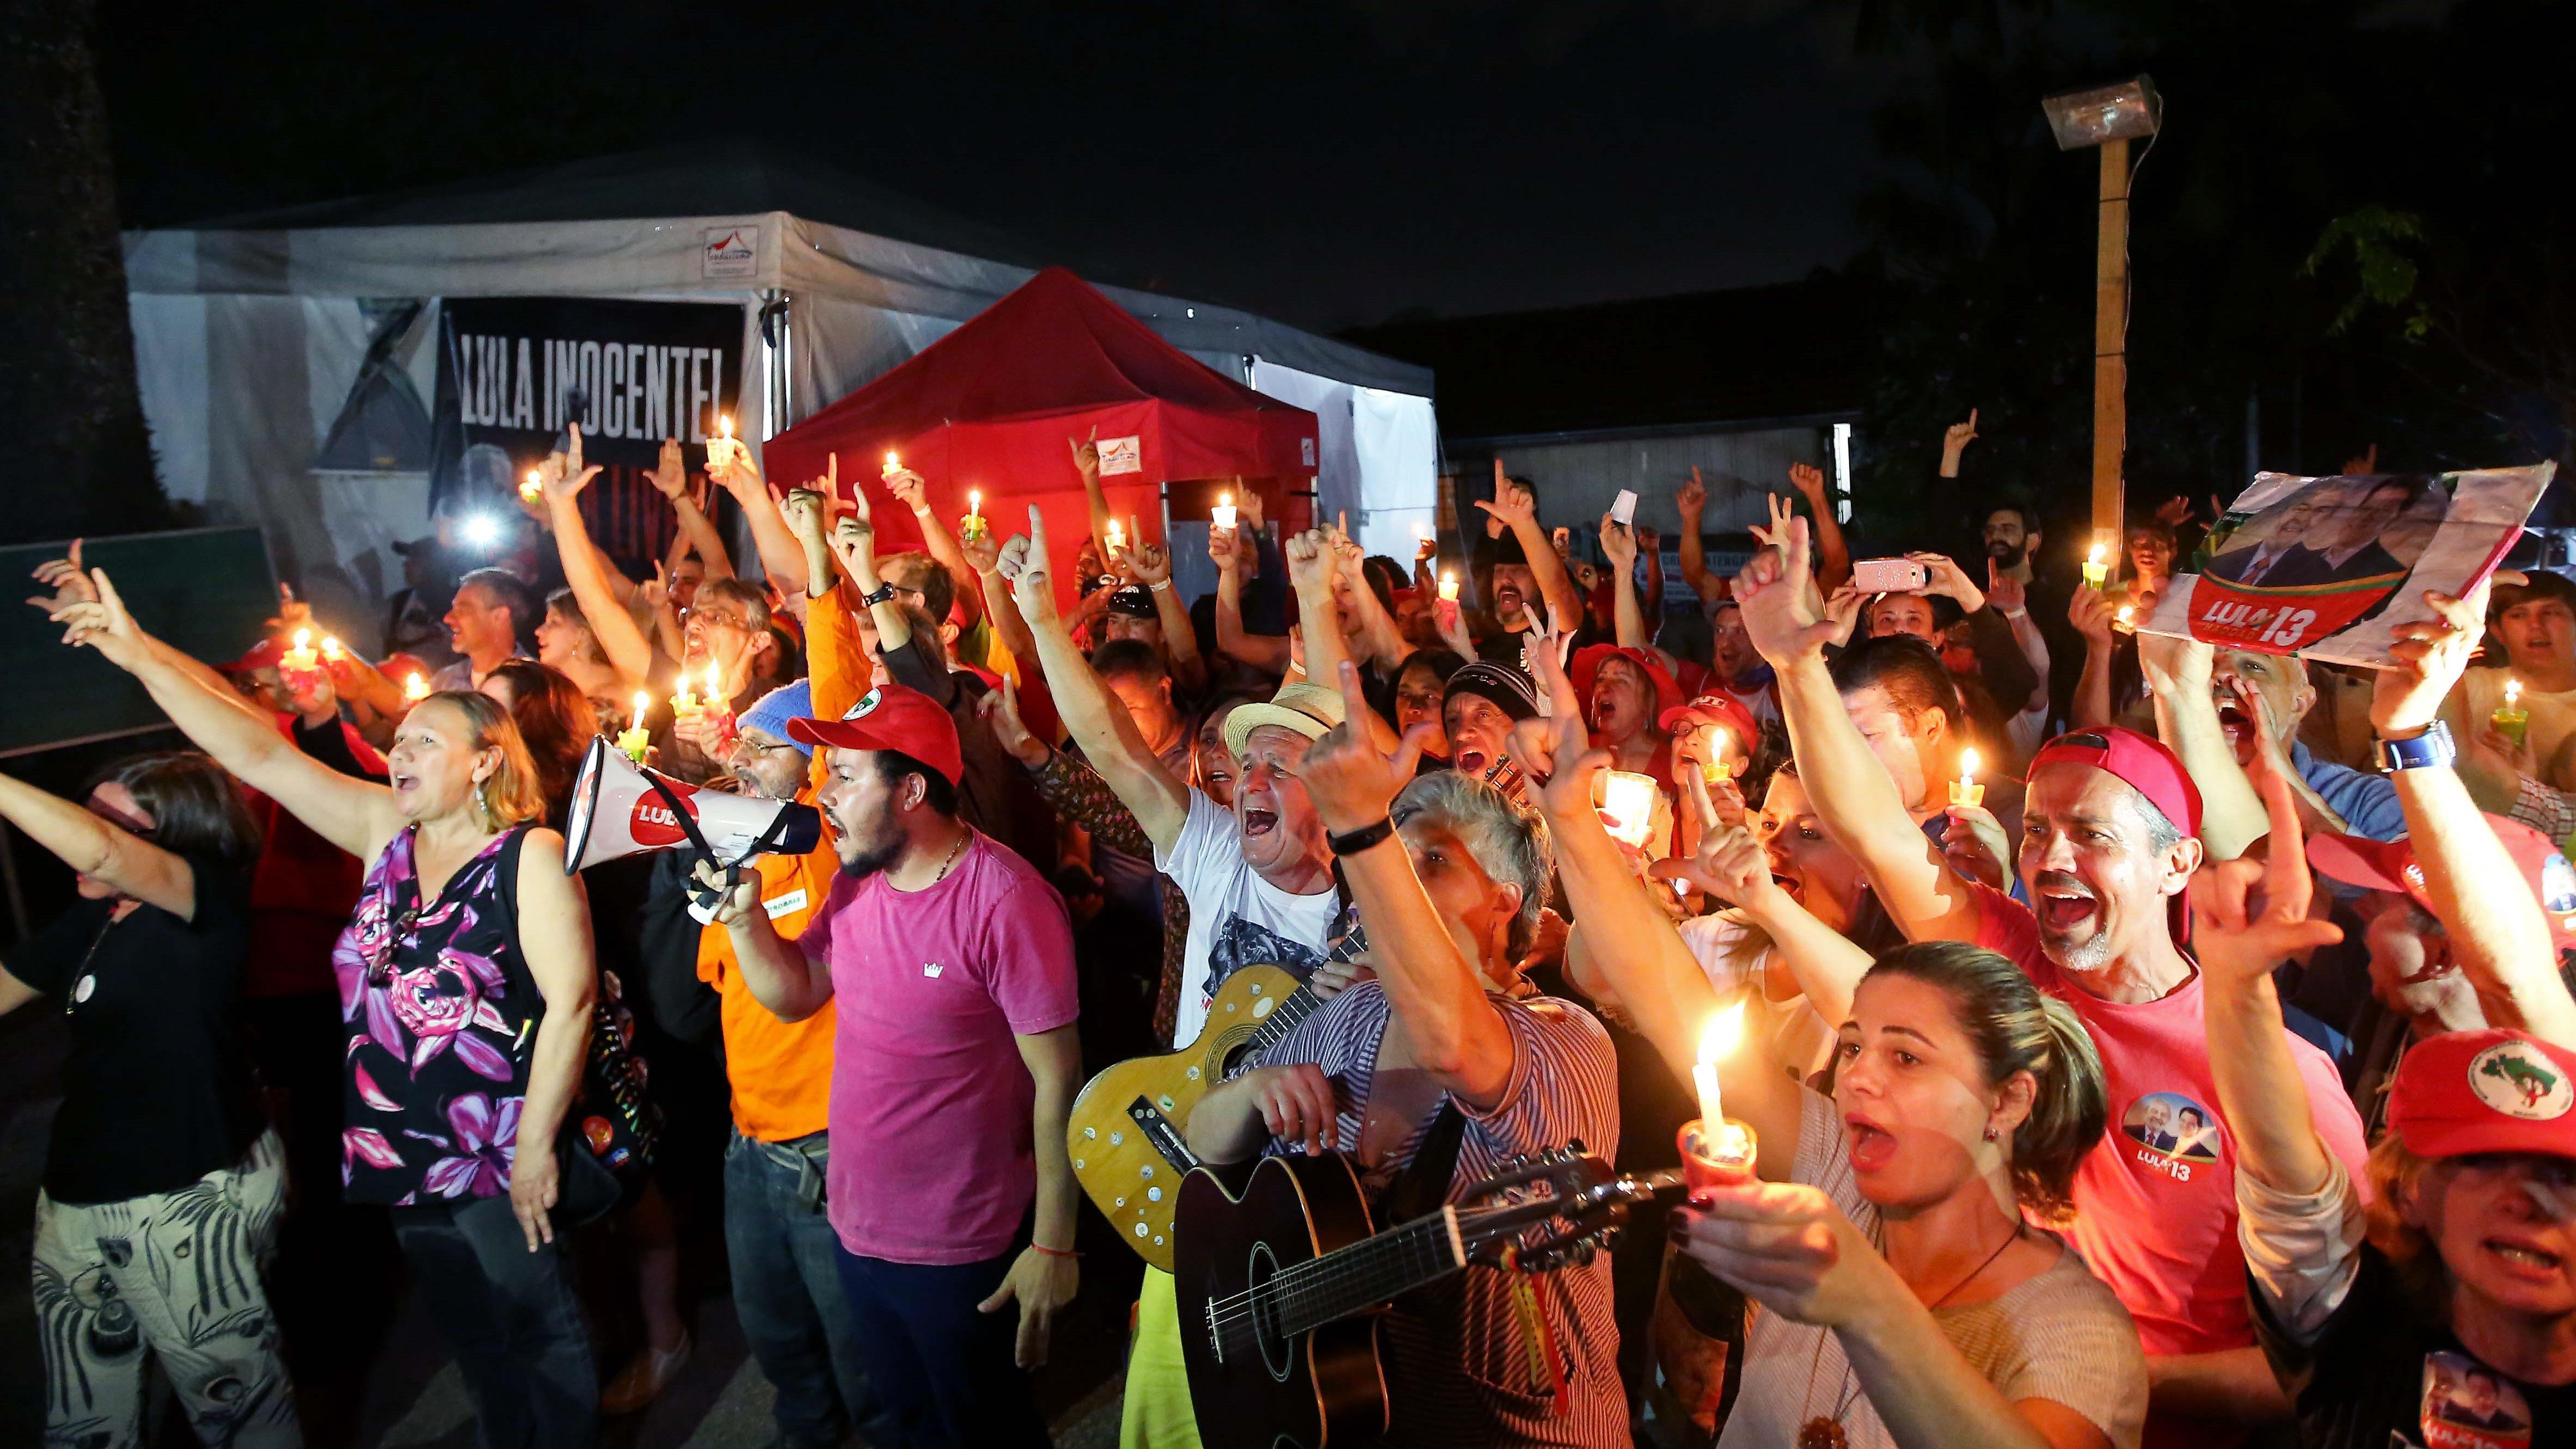 Des sympathisants de Lula Da Silva participent à une veillée aux chandelles devant le bureau de la police fédérale à Curitiba, au Brésil, le 31 août 2018.